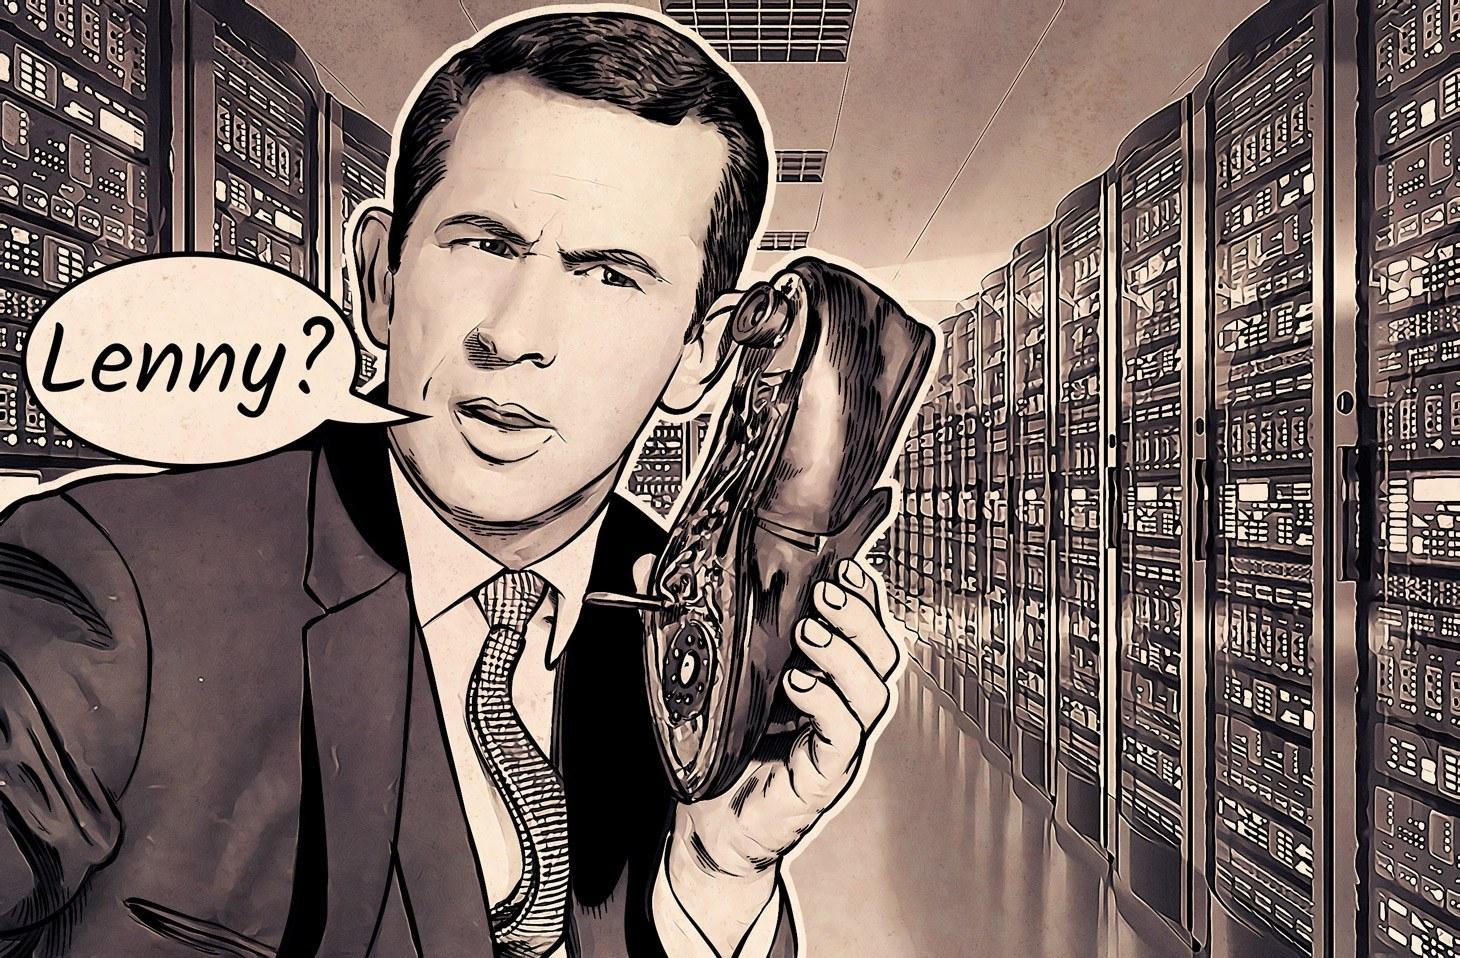 Dürfen wir vorstellen? Lenny, der Voice-Chatbot, der gegen Telefonverkäufer und Betrüger eingesetzt werden kann